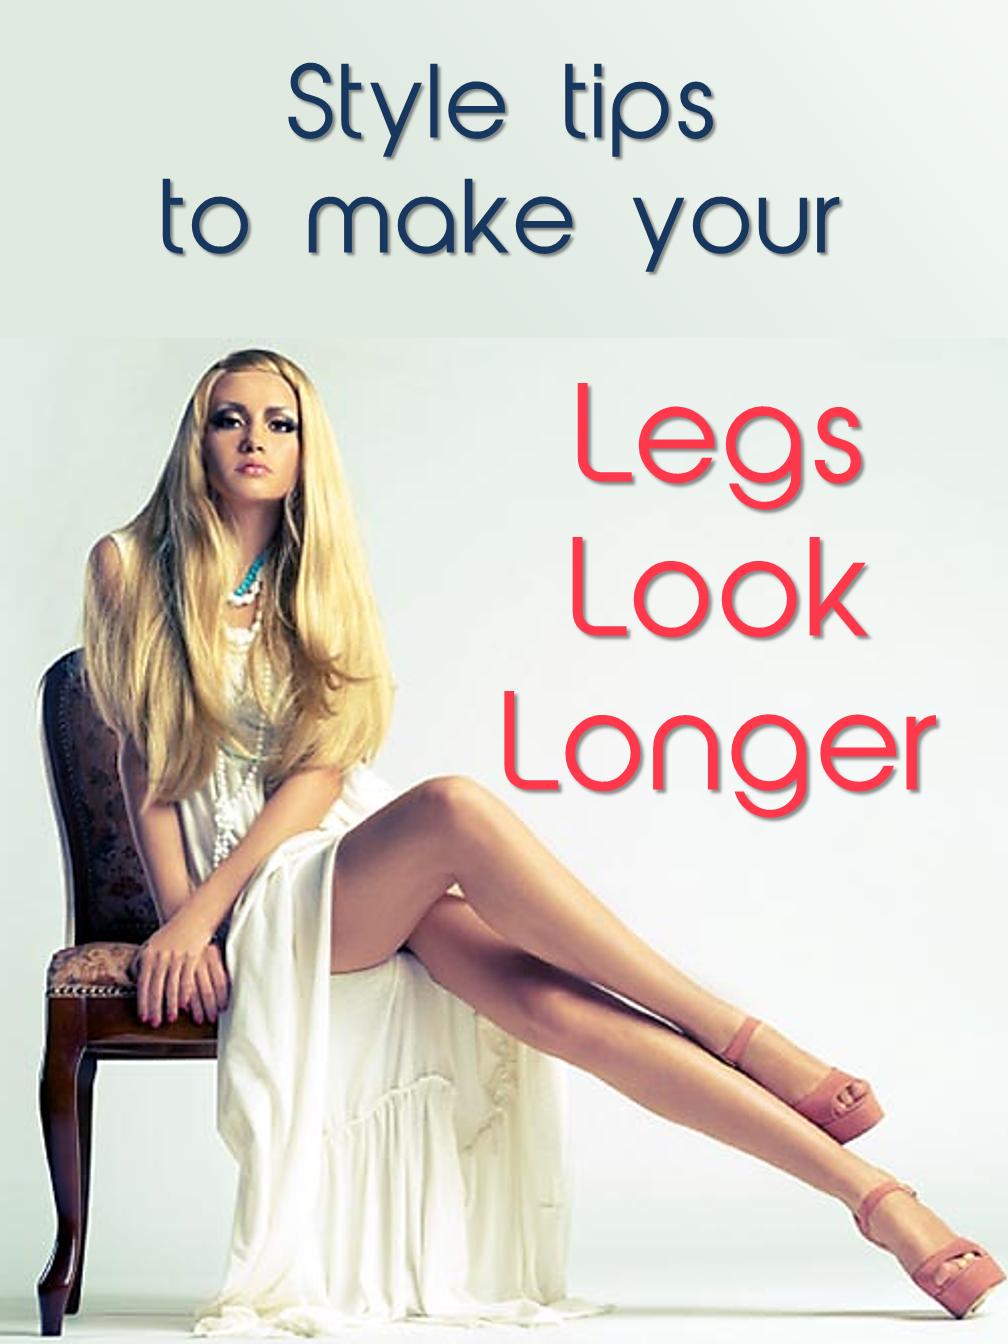 Longer Legs...